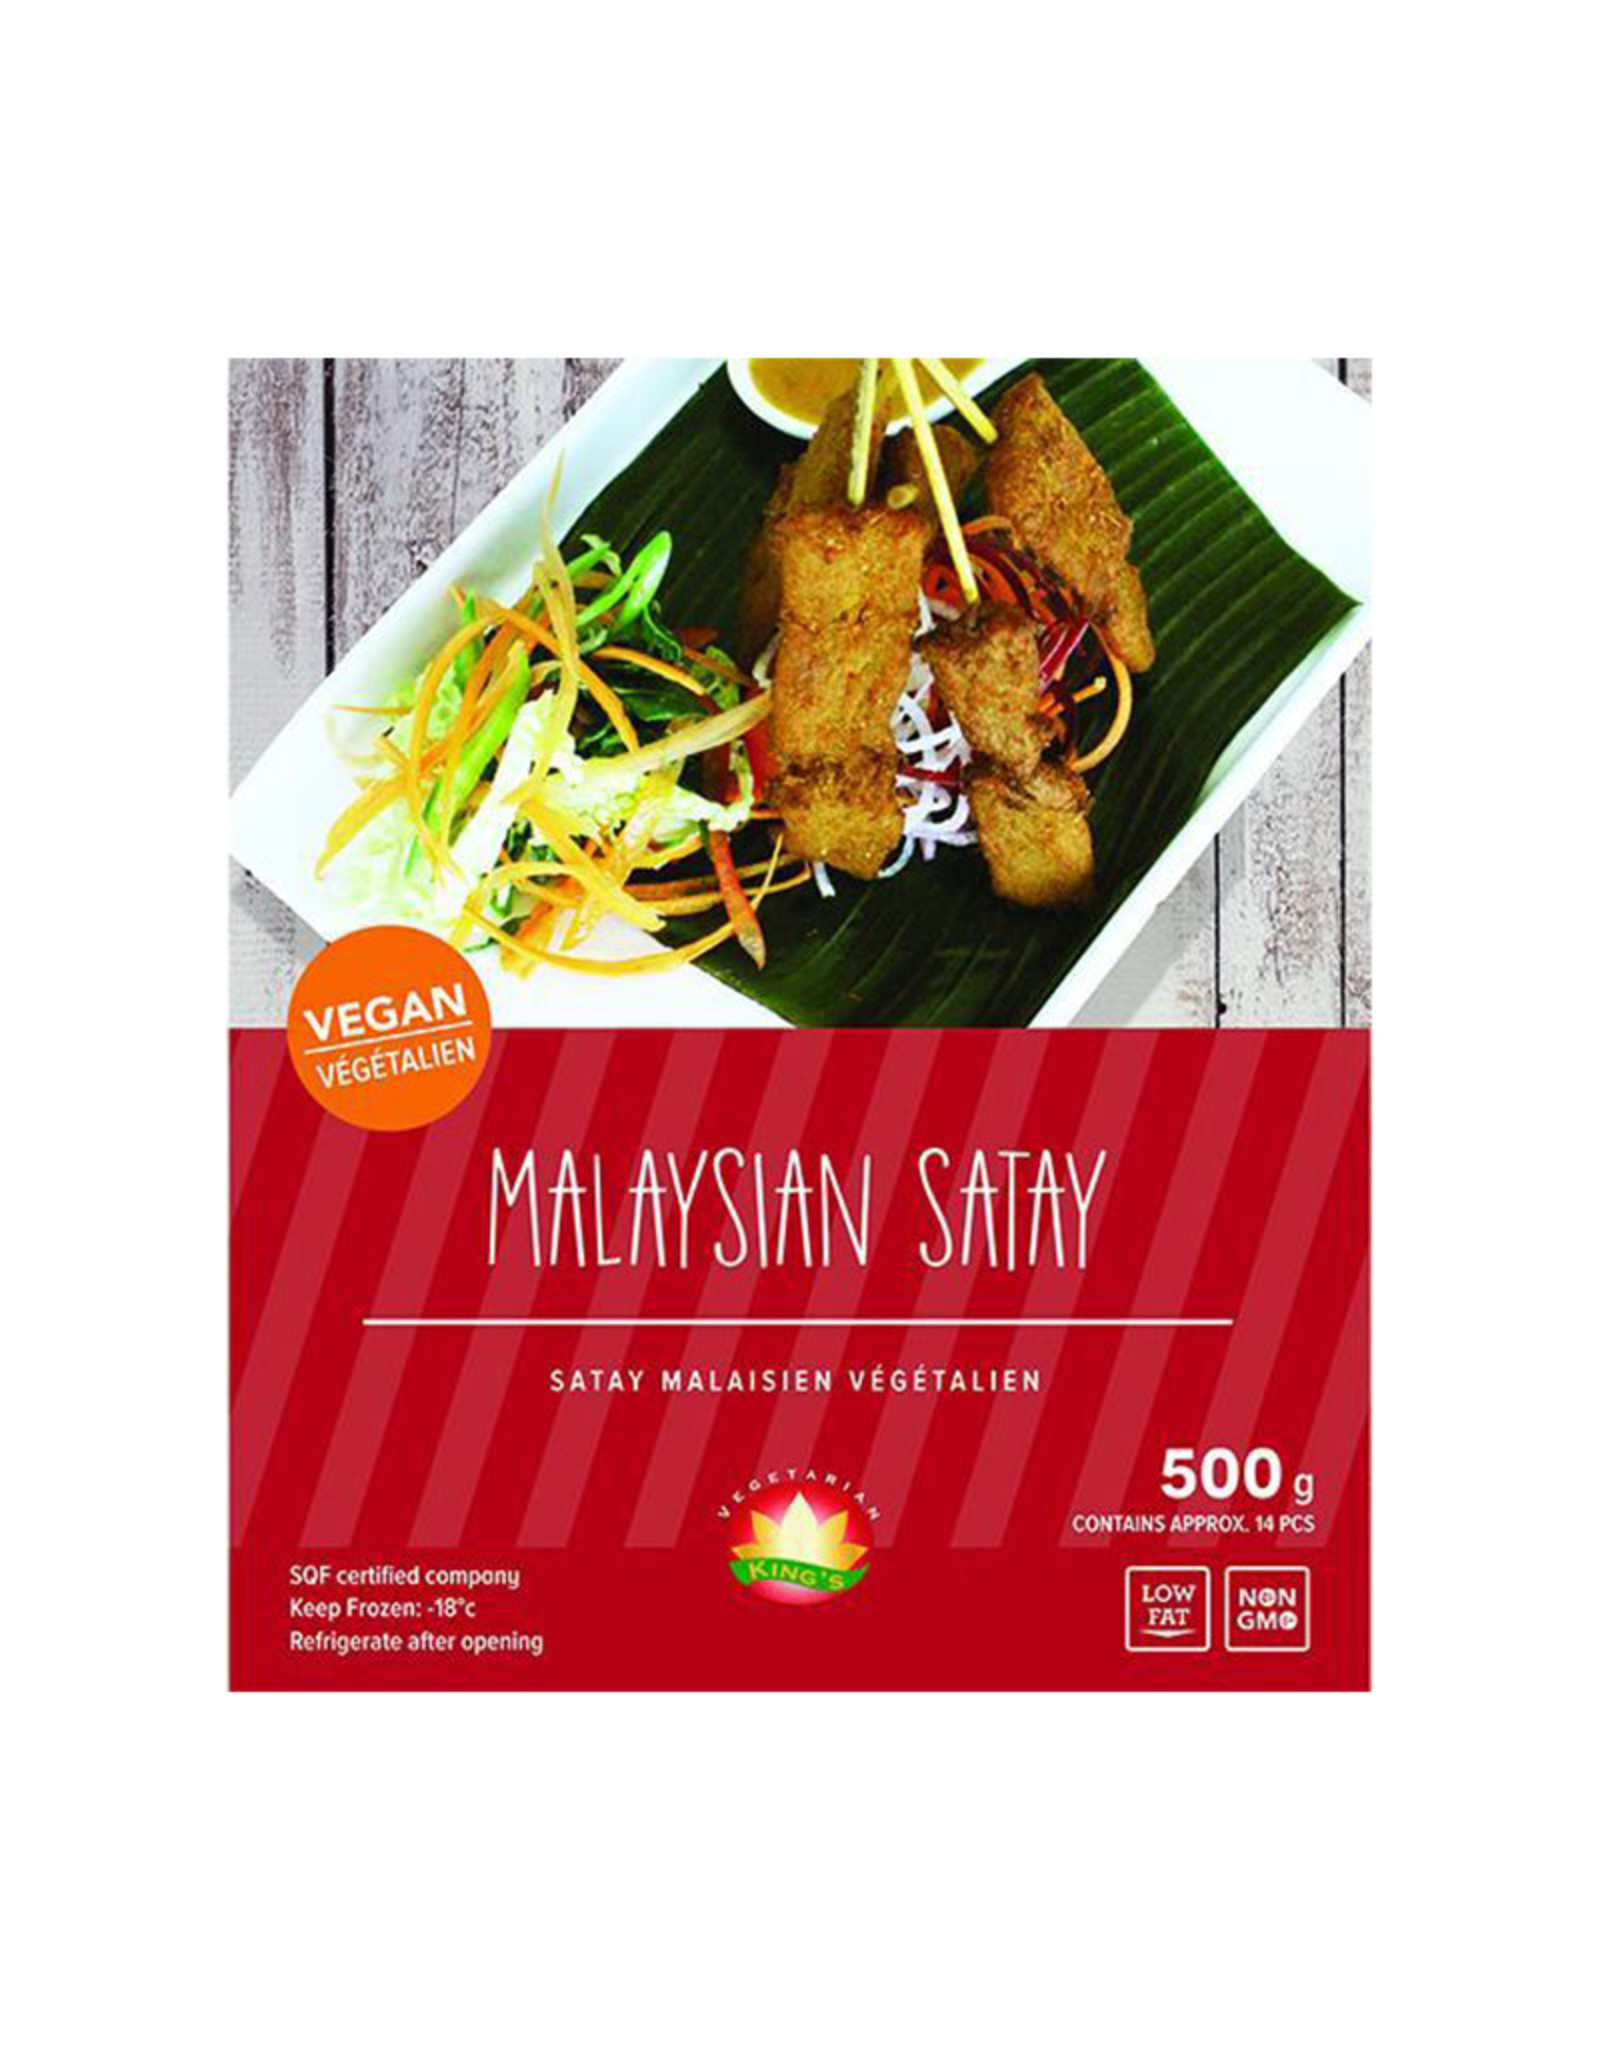 Kings Vegetarian Food Kings Vegetarian Food - Malaysia Satay